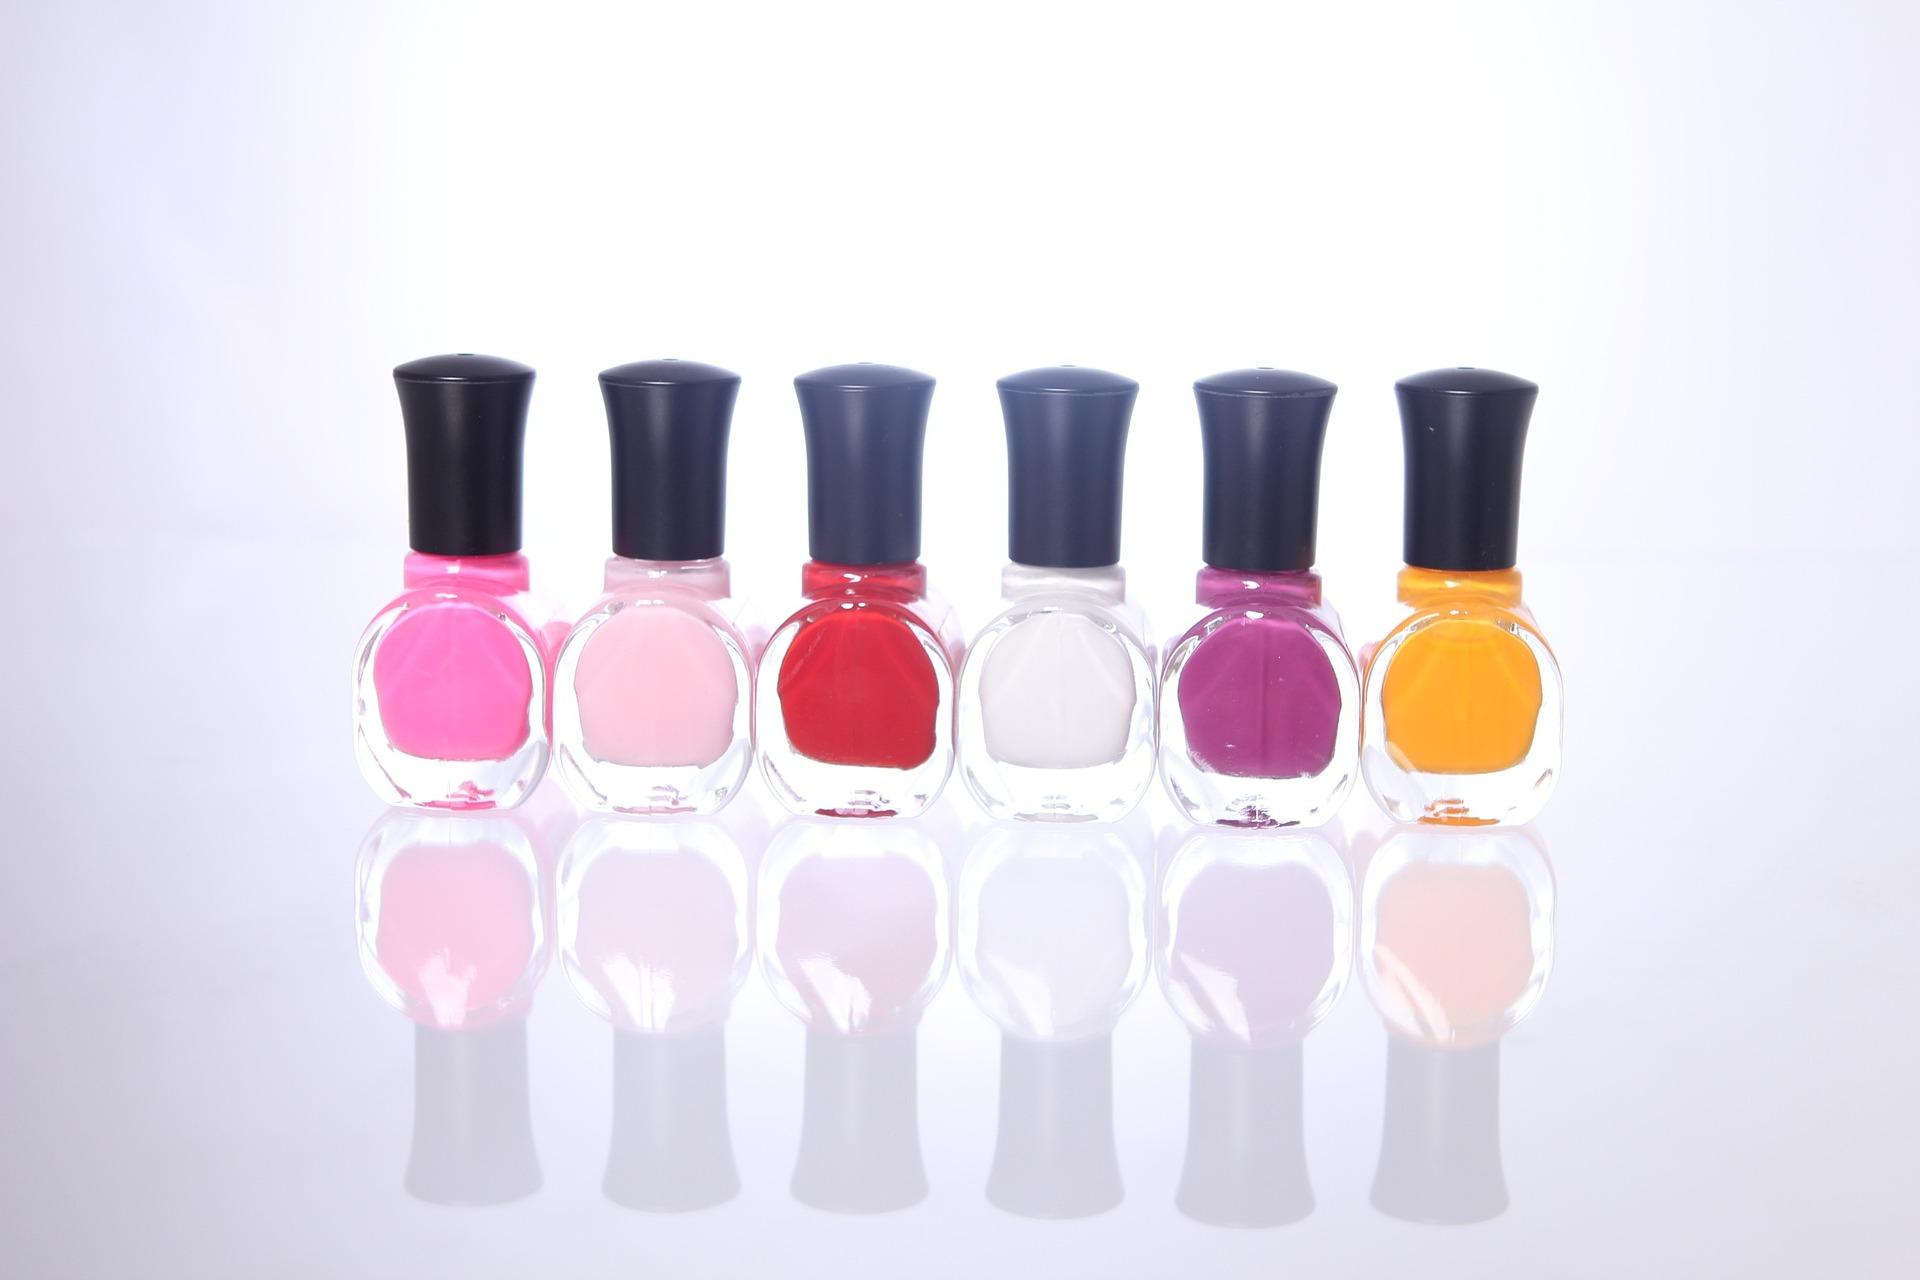 nail-polish-1351933_1920.jpg